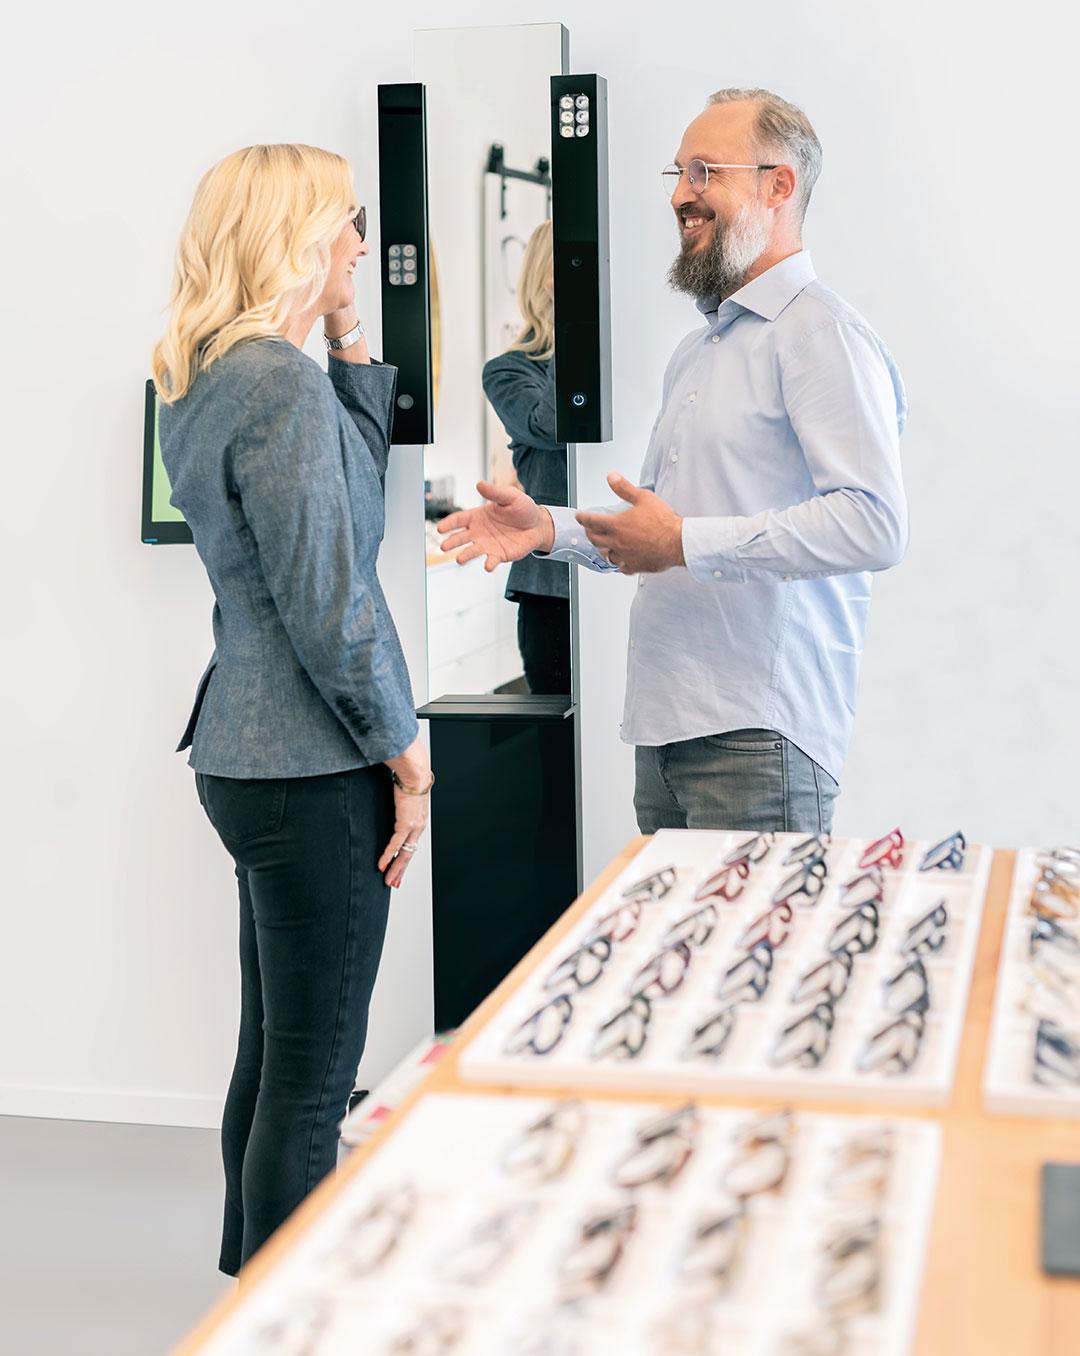 Gleitsichtbrille Beratung und Anpassung